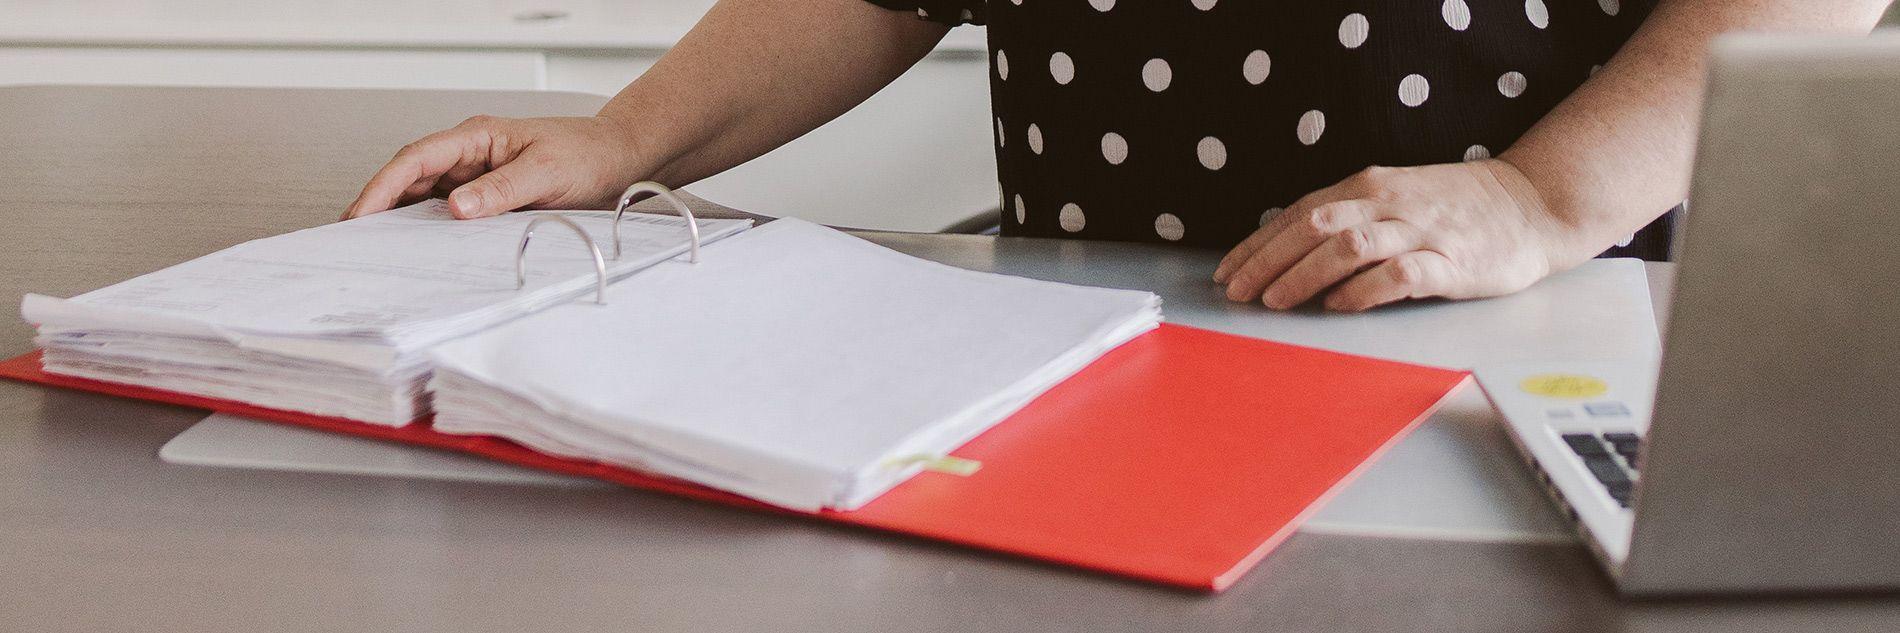 Kuvassa on etualalla auki punainen muistio, jonka takana on naisen kädet. Vierellä on kannettava tietokone.